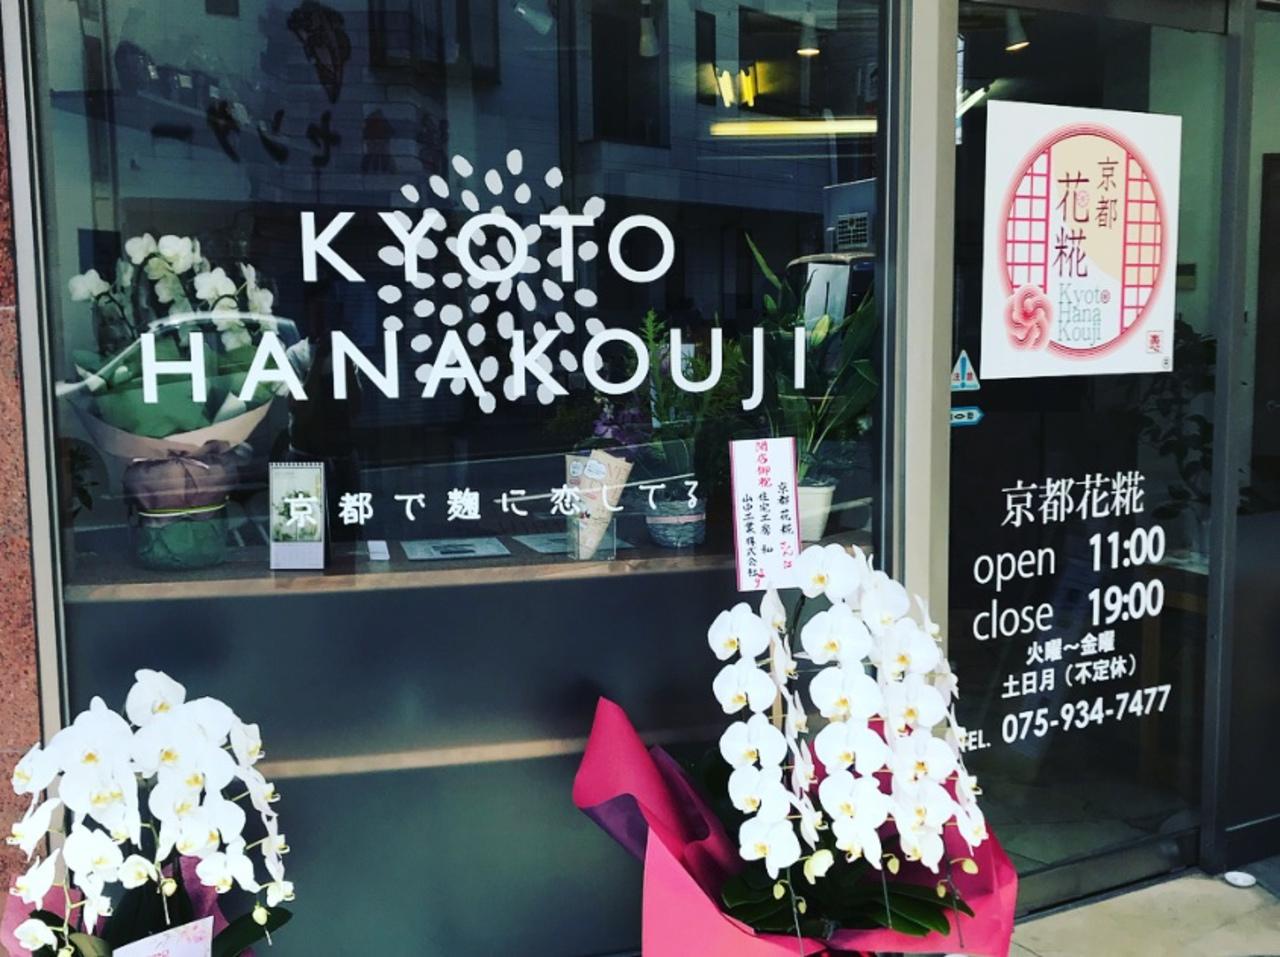 カラダによろこぶ麹レシピのお店...東向日駅近く「京都花糀」オープン